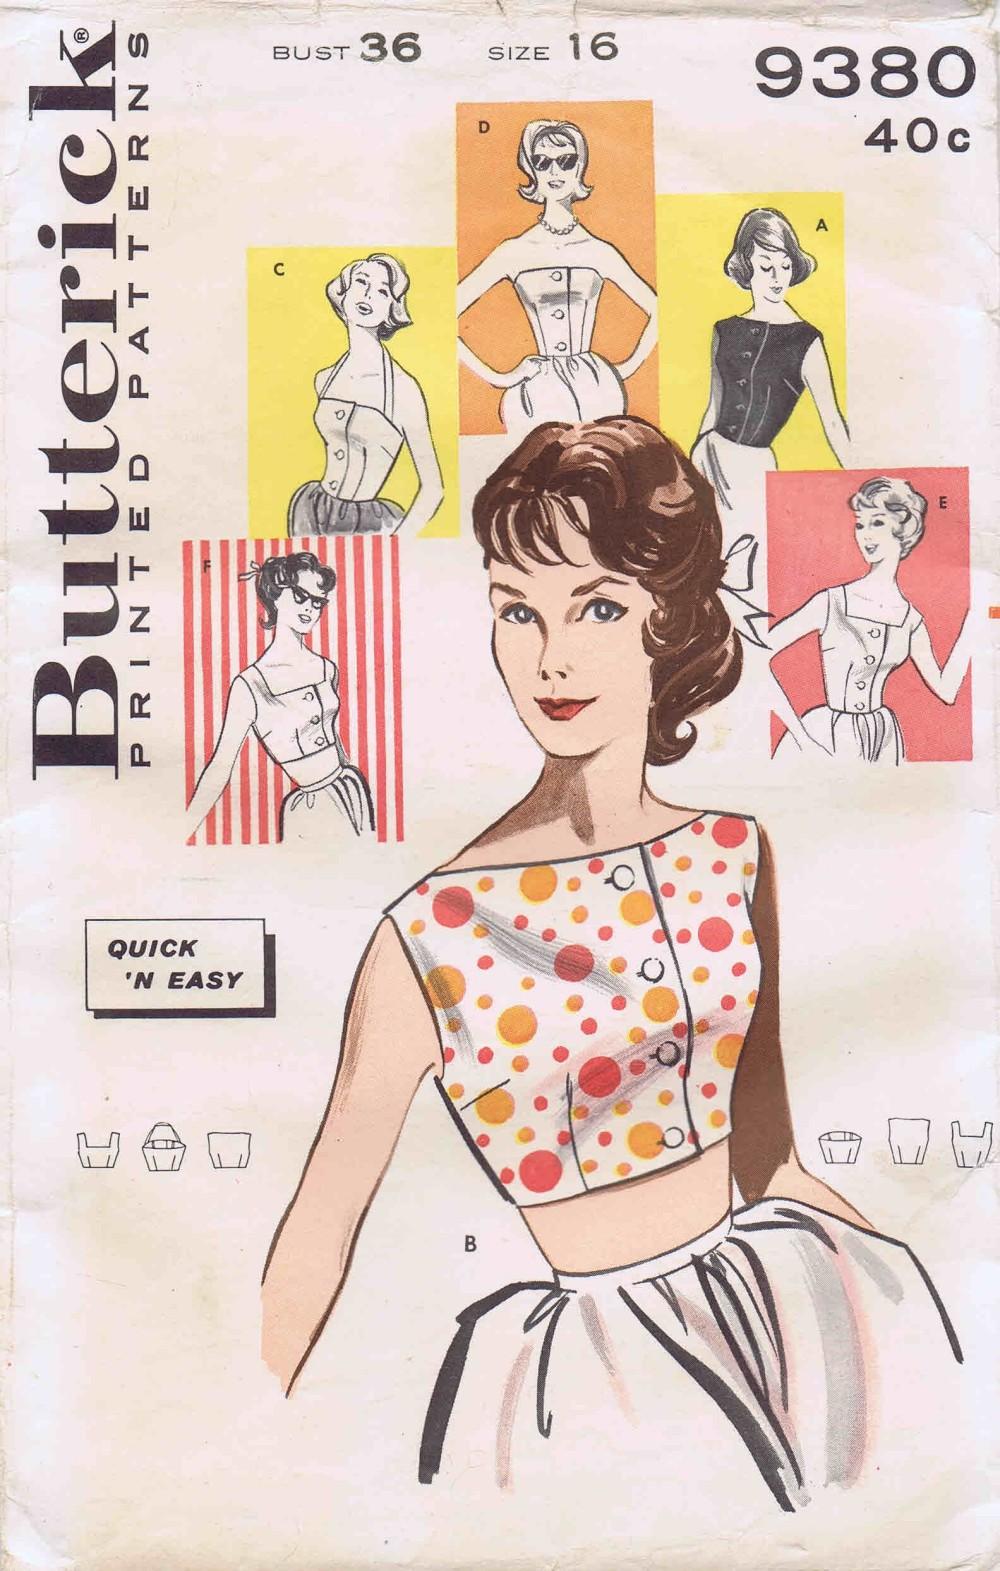 Butterick 9380